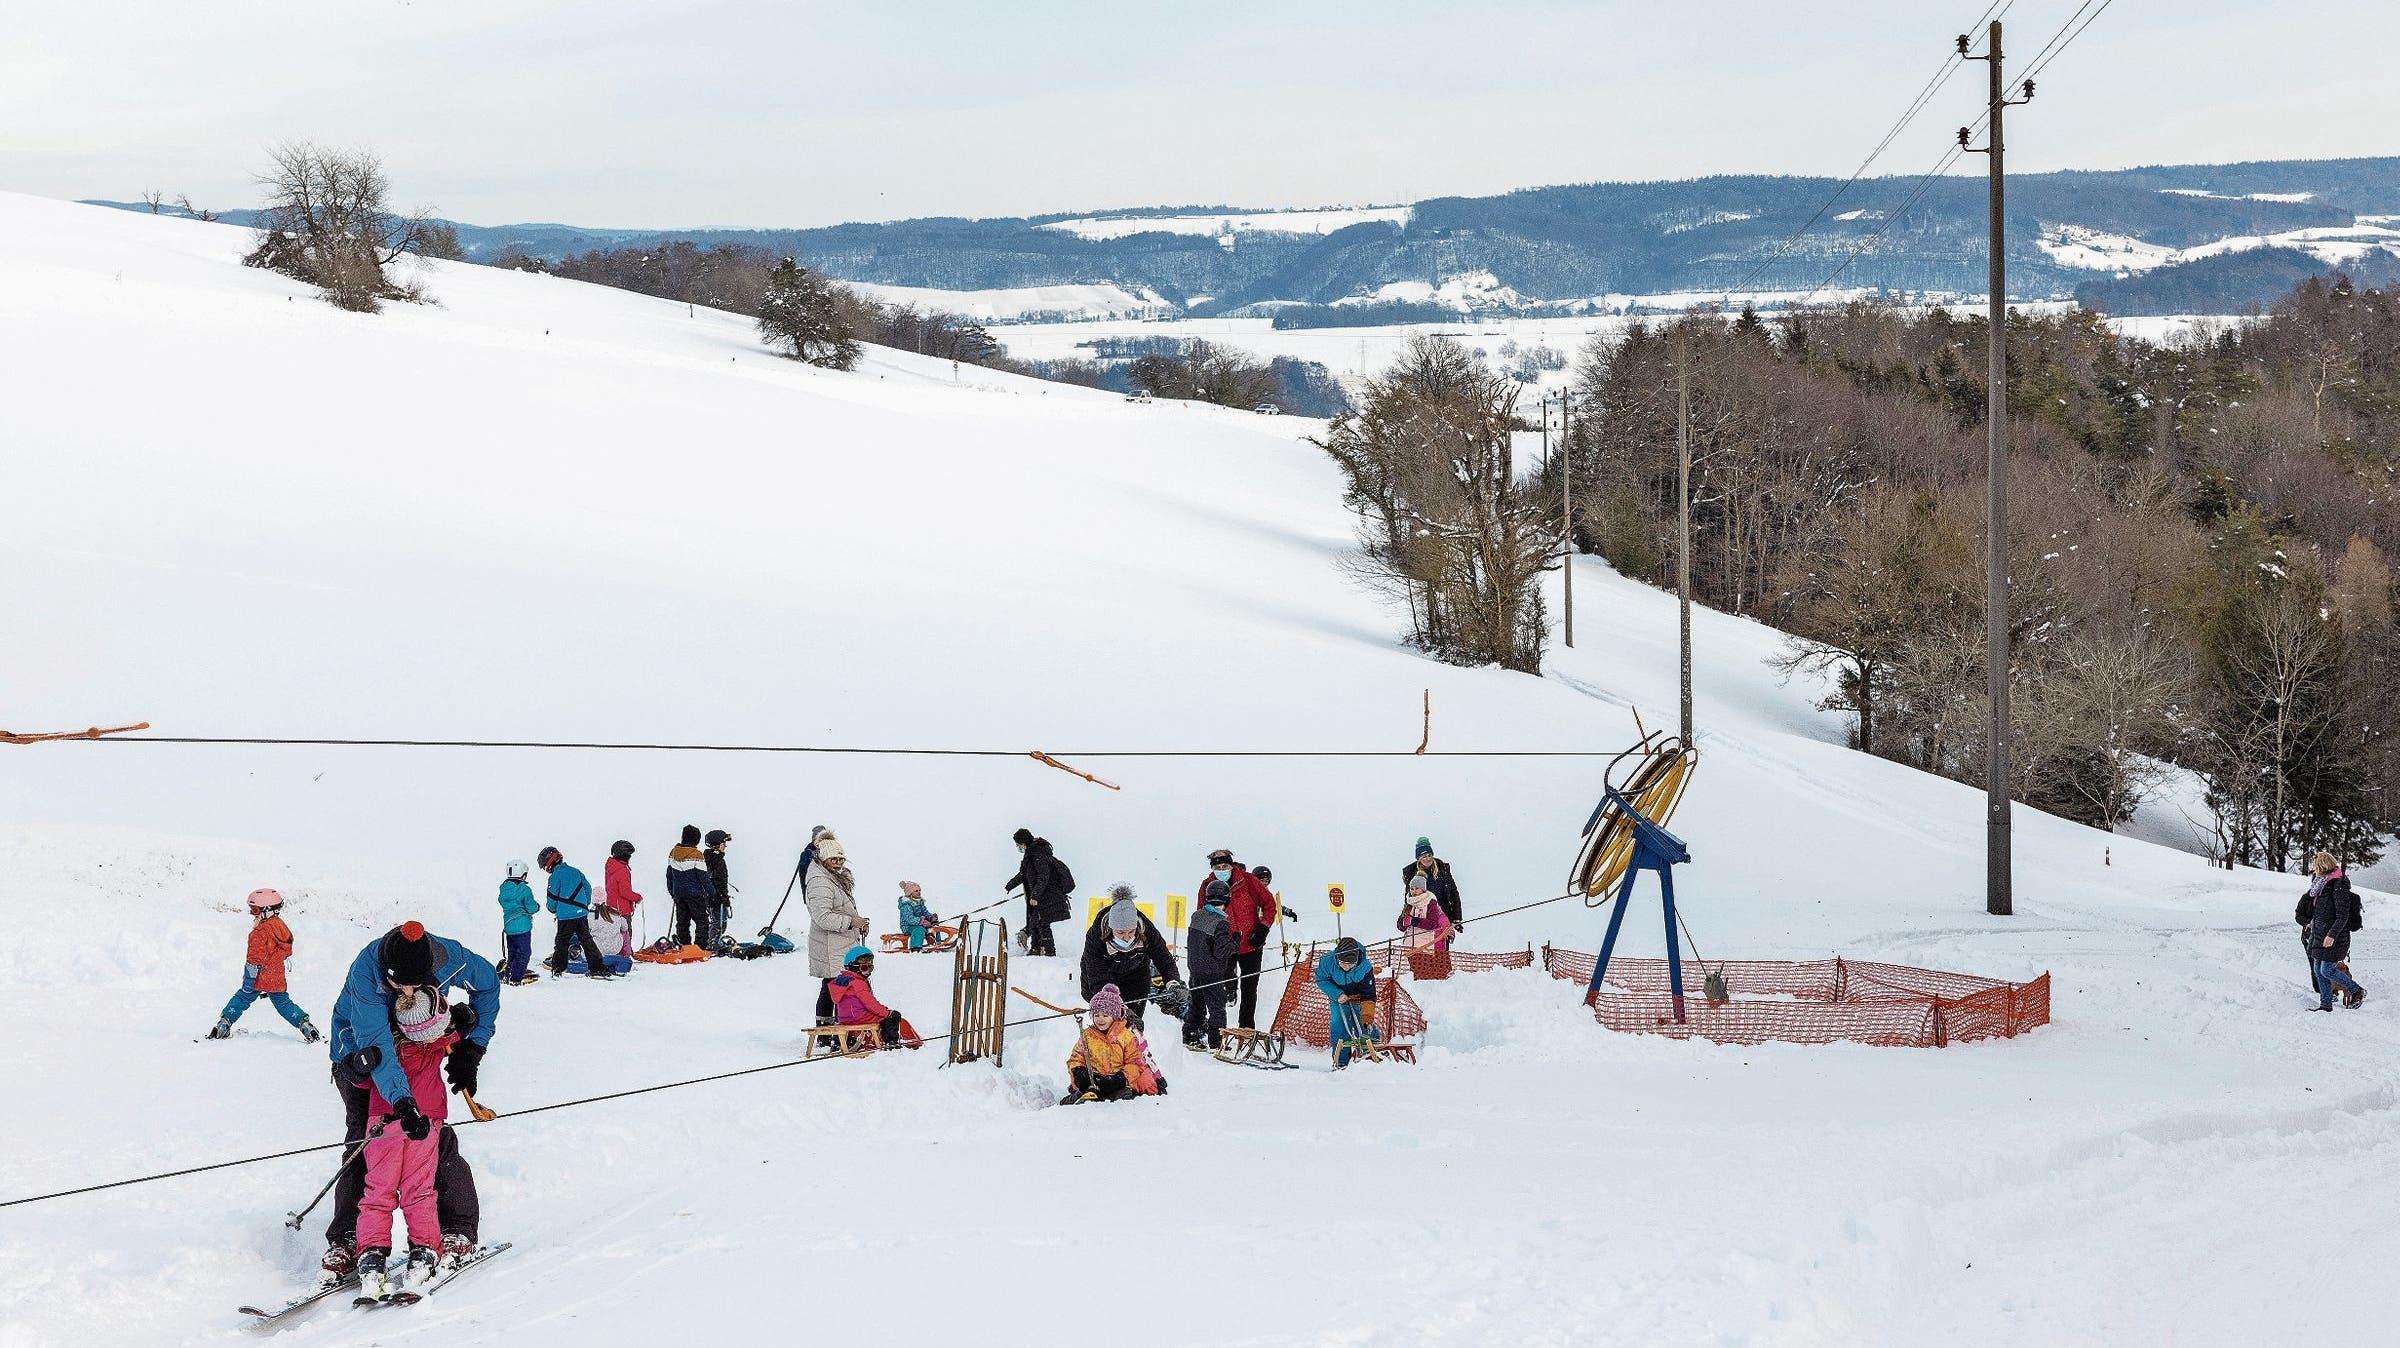 Am kommenden Wochenende wird am Rotberg mit einem grossen Ansturm gerechnet.